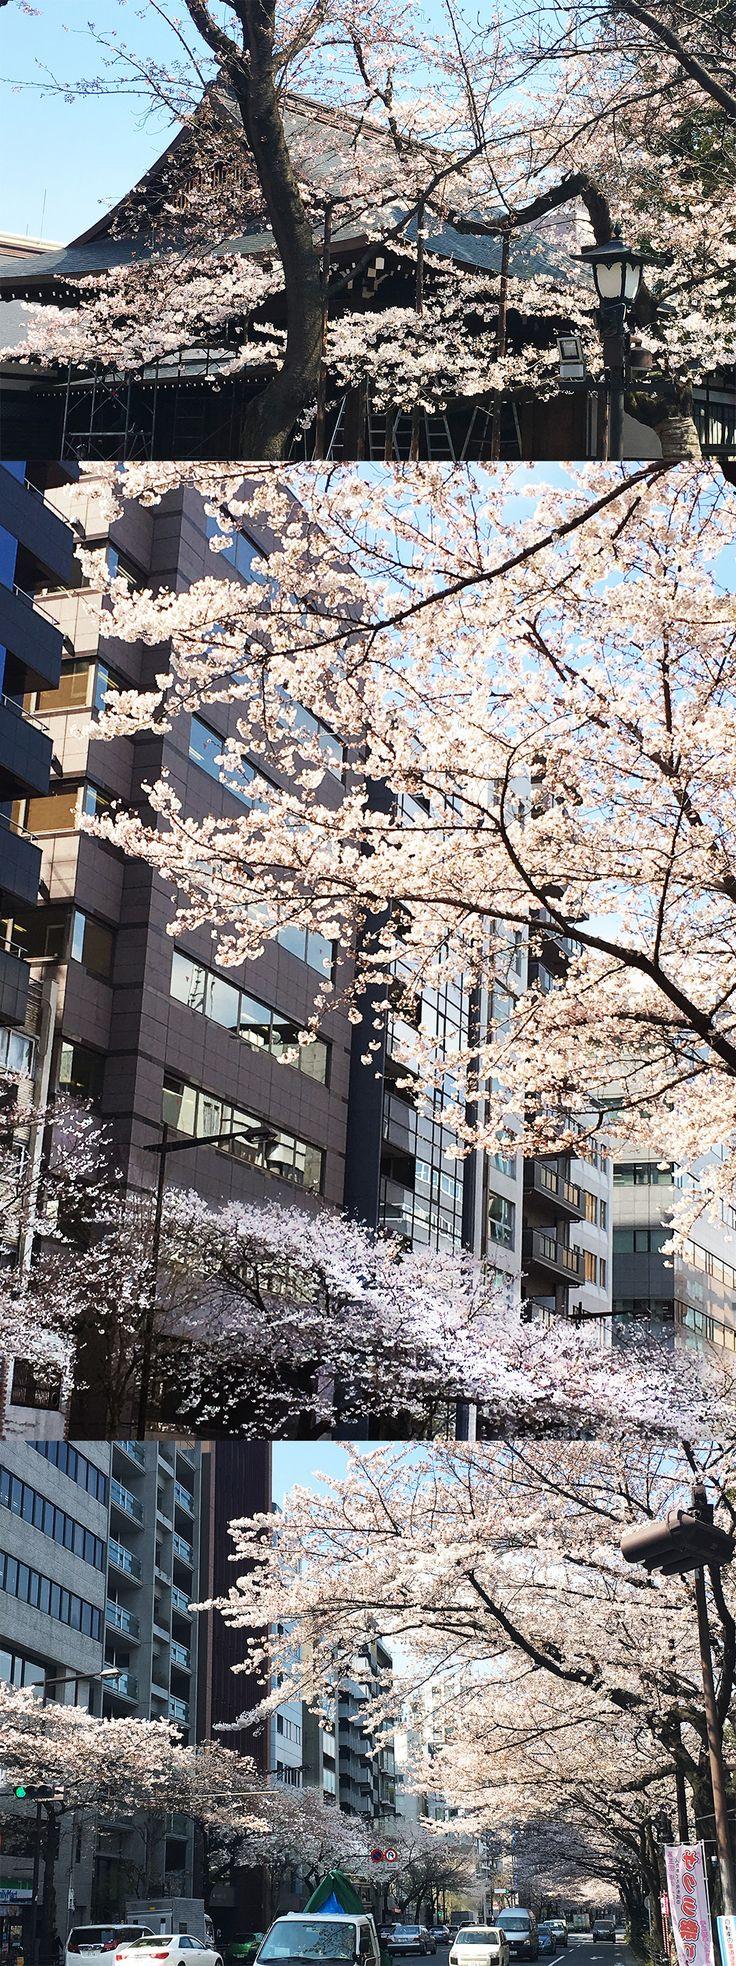 【編集者M】おはようございます。4月になりましたね4月は1月の次に新たなスタートラインって感じがします✨✨✨靖国神社と靖国通り、どちらもお花見シーズンに入ってきましたまだまだ寒い日が続きそうですが、暖かな色に咲いている桜を眺めて心だけでも温まっちゃいましょう